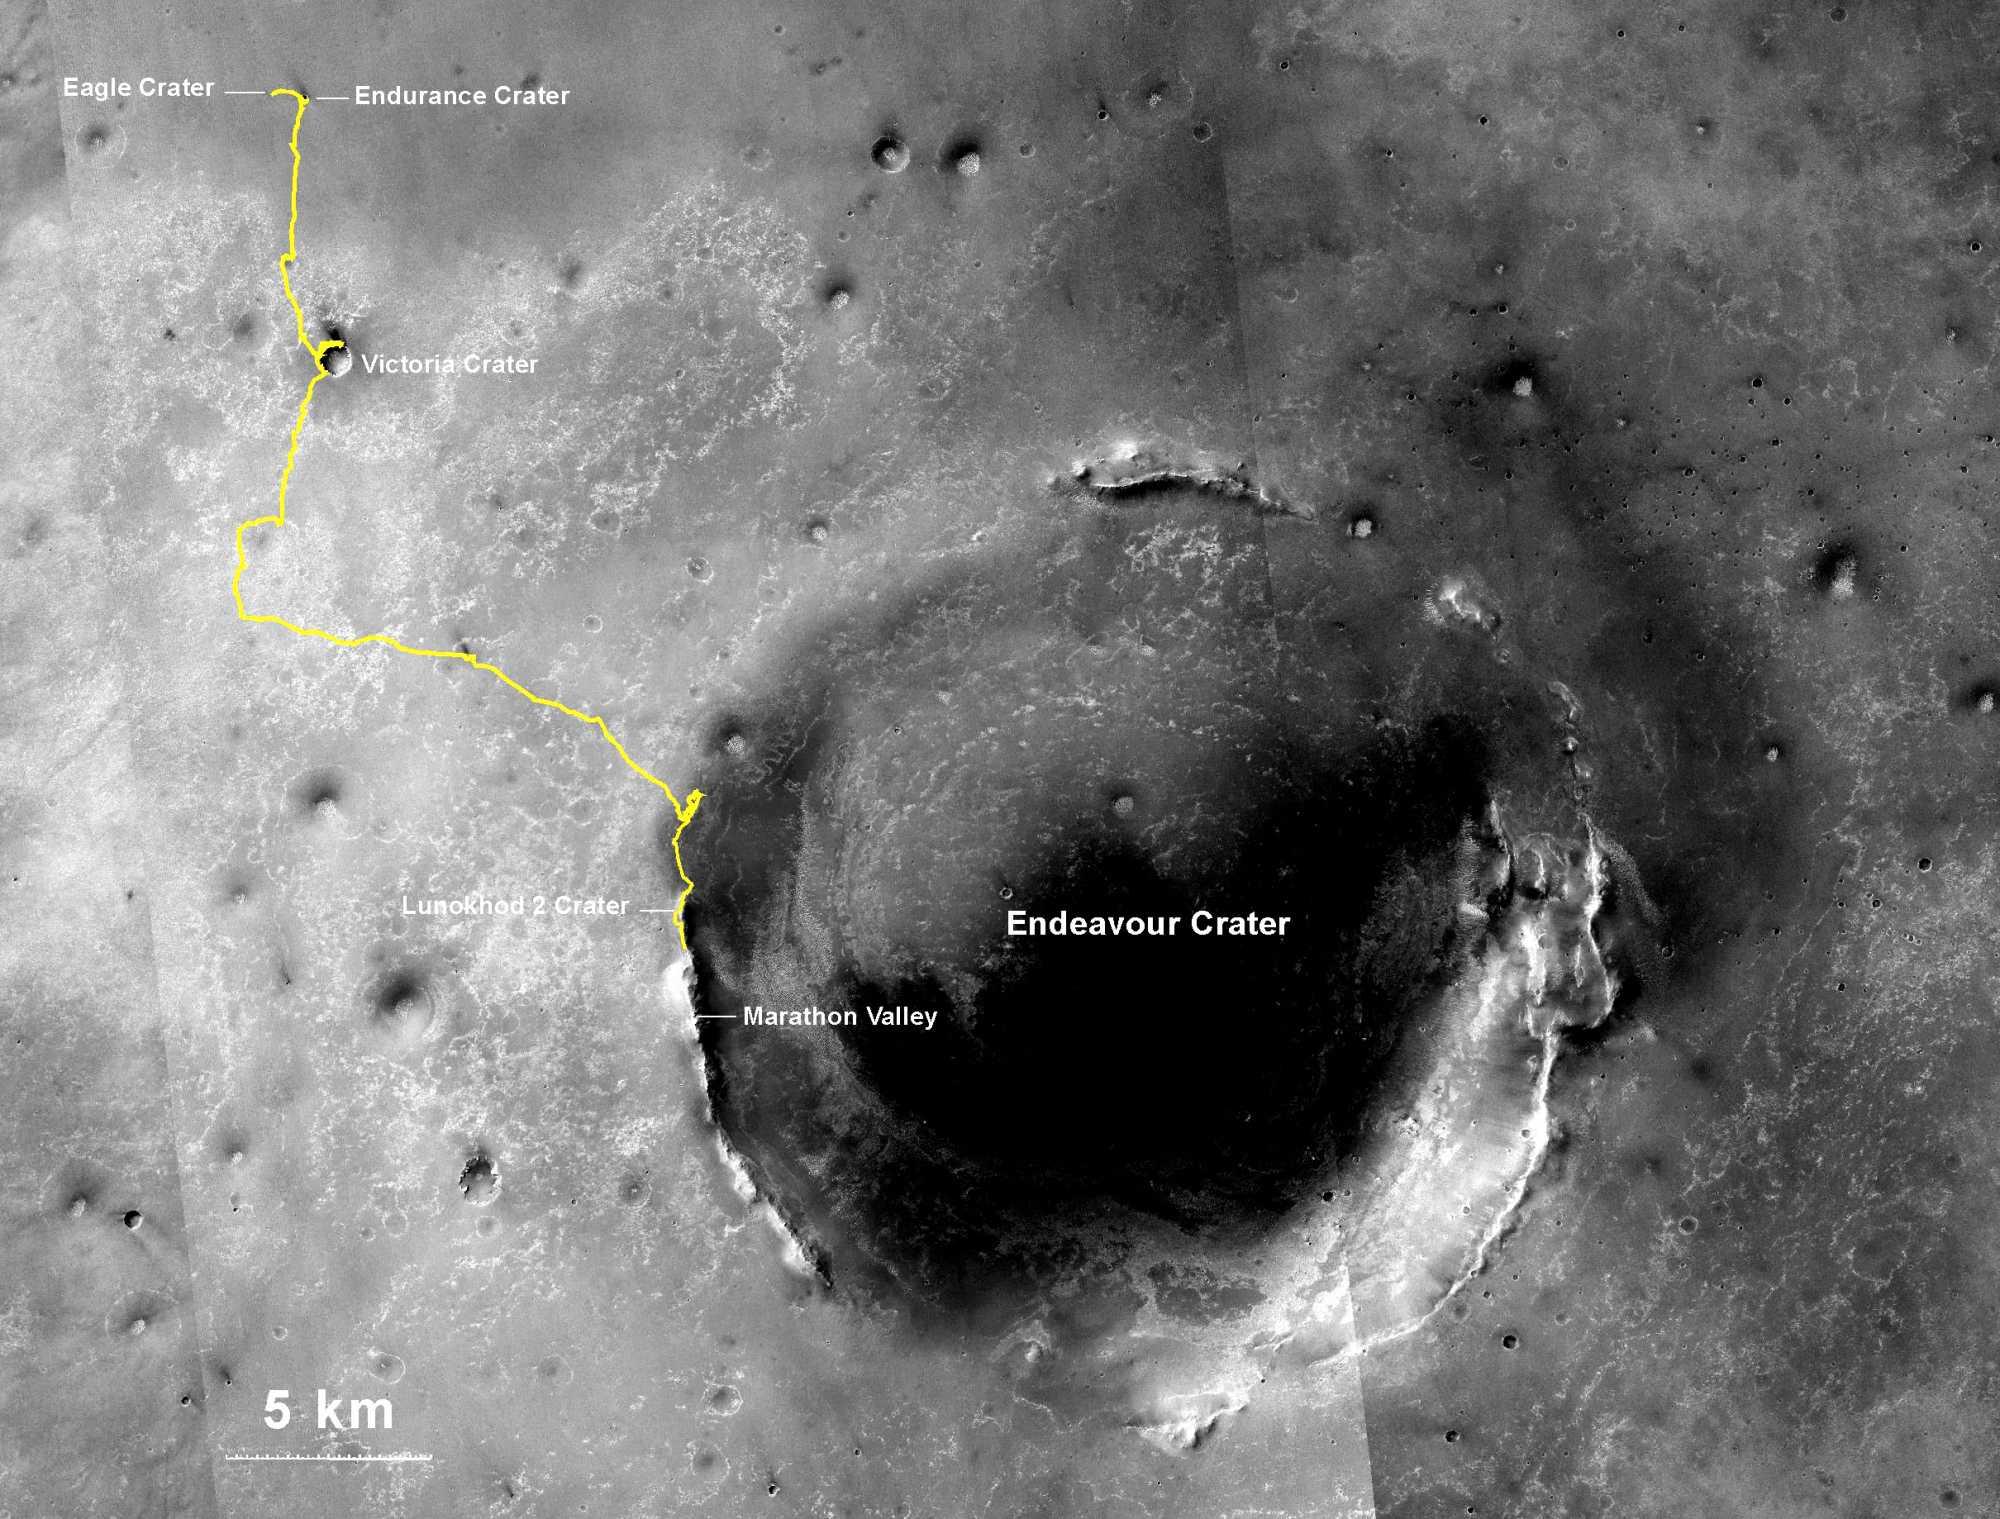 Bild von der Mars-Oberfläche. Die NASA hat die von Opportunity zurückgelegte Strecke darin gelb markiert